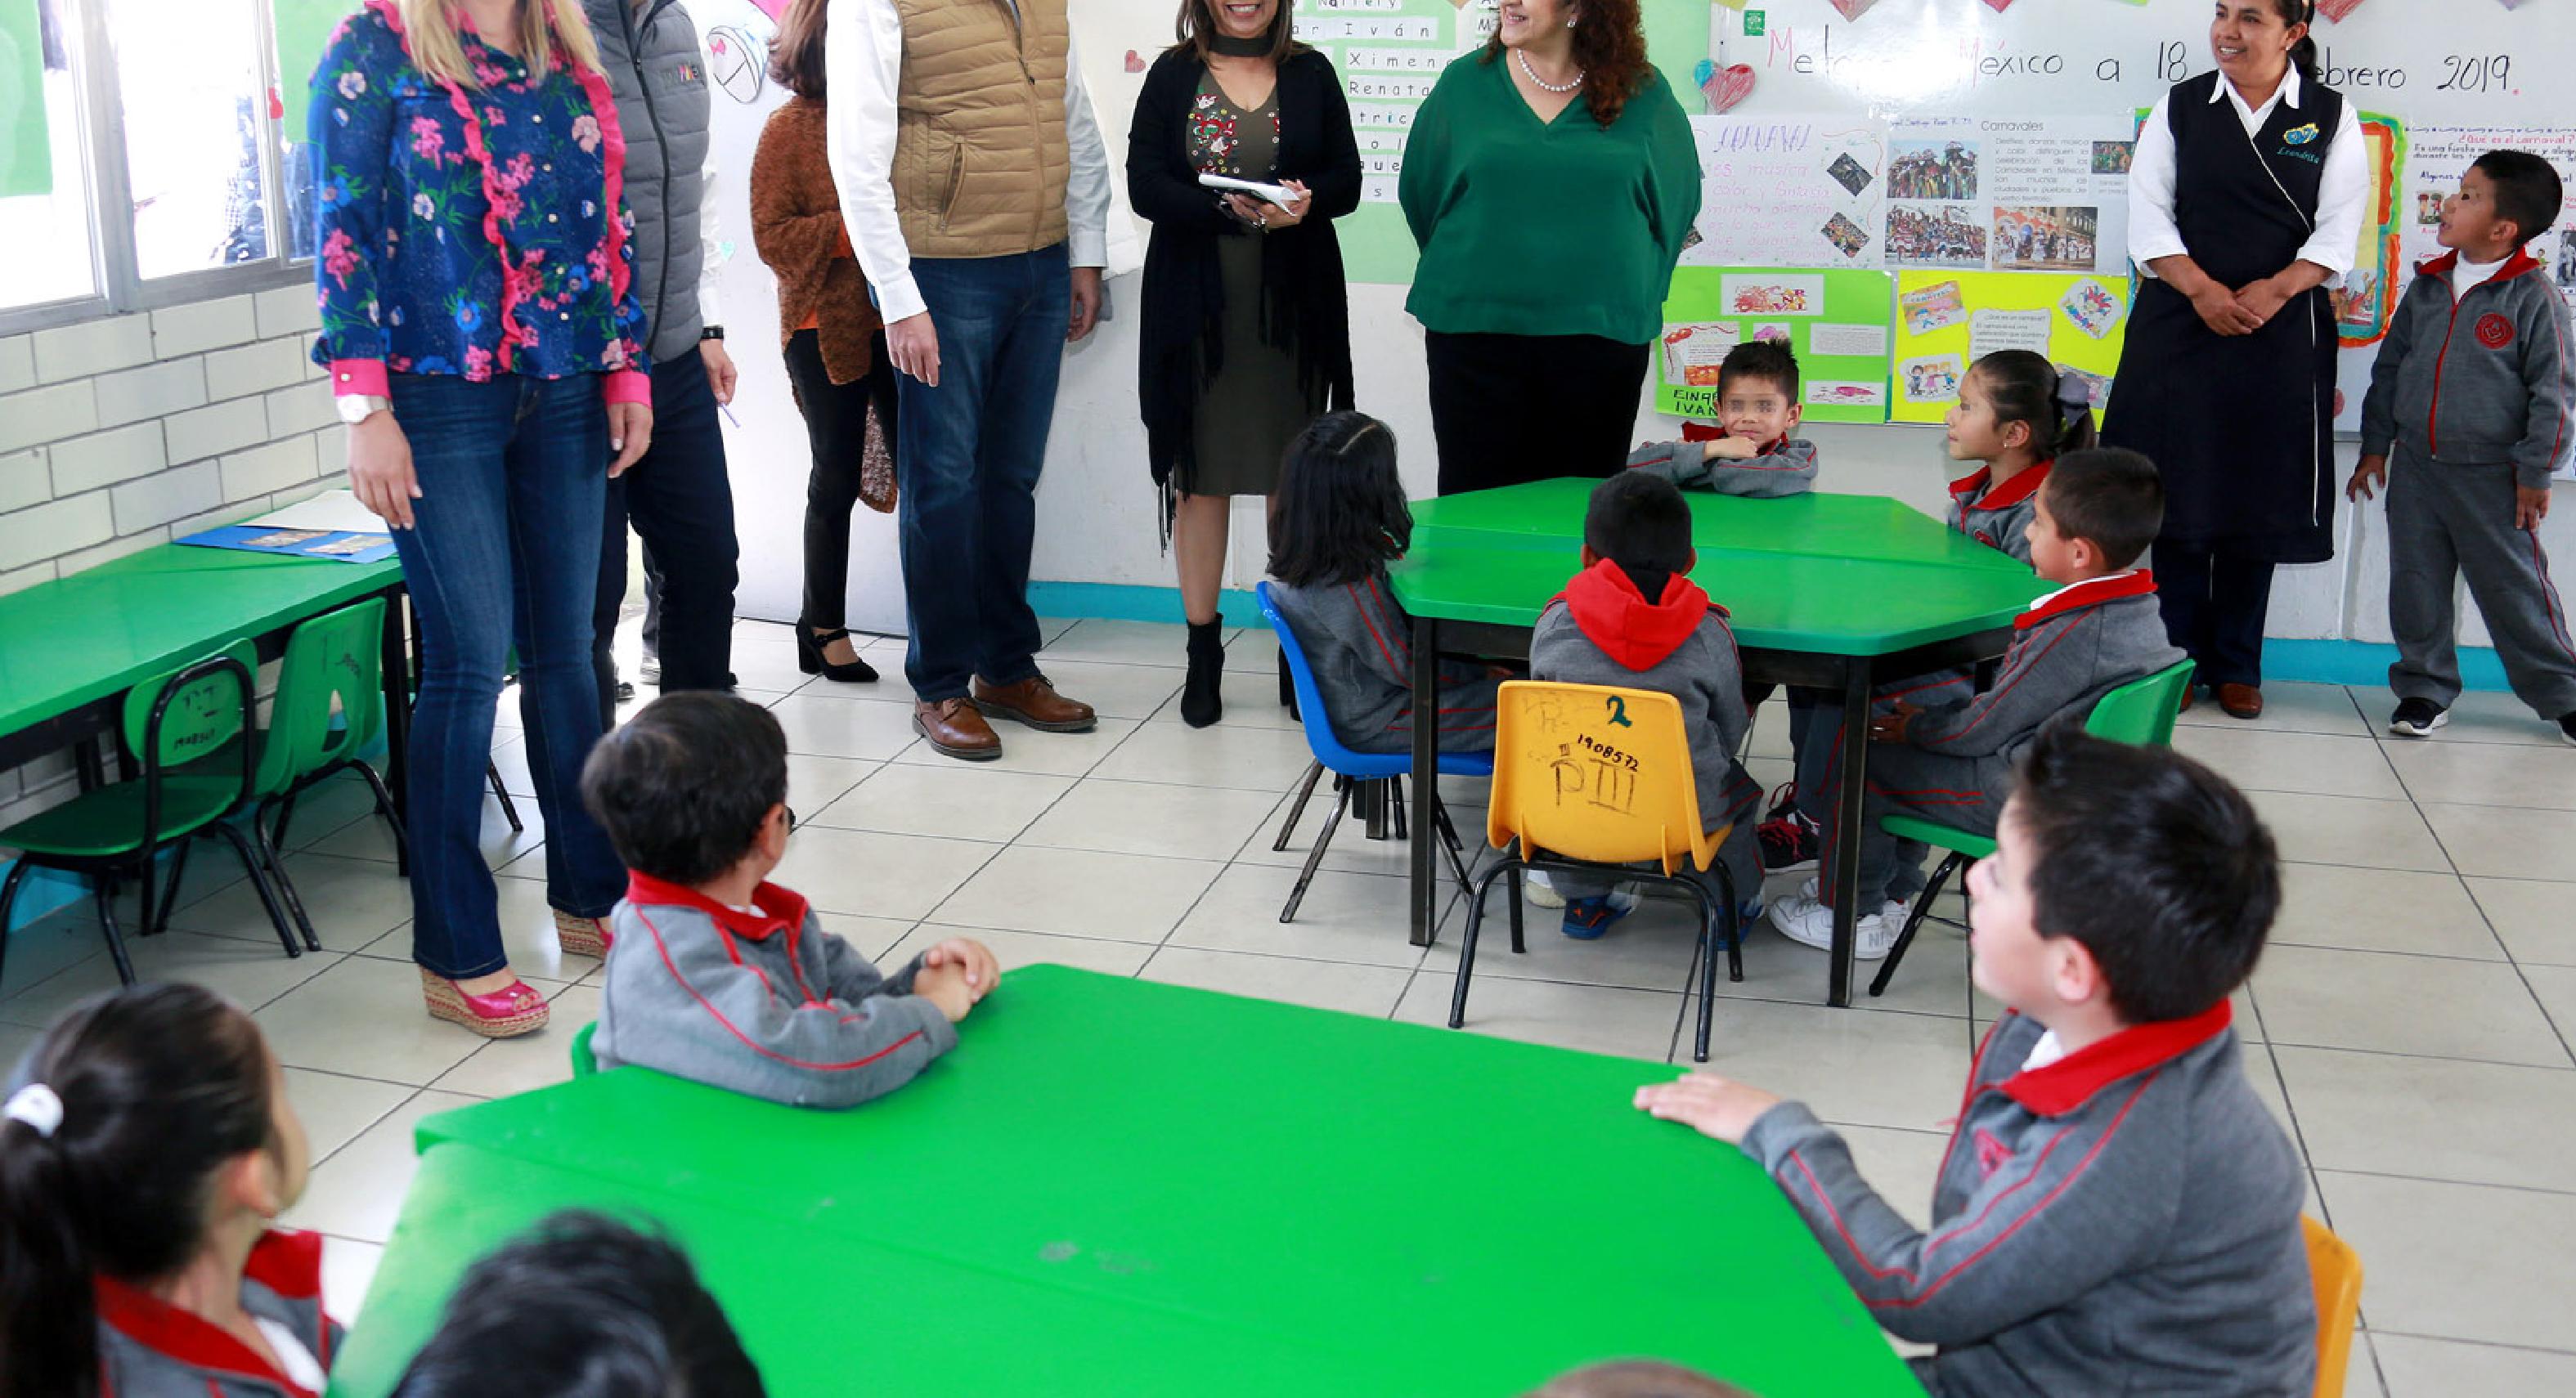 Entregarán útiles escolares en el EDOMEX de cara al periodo 2020-2021